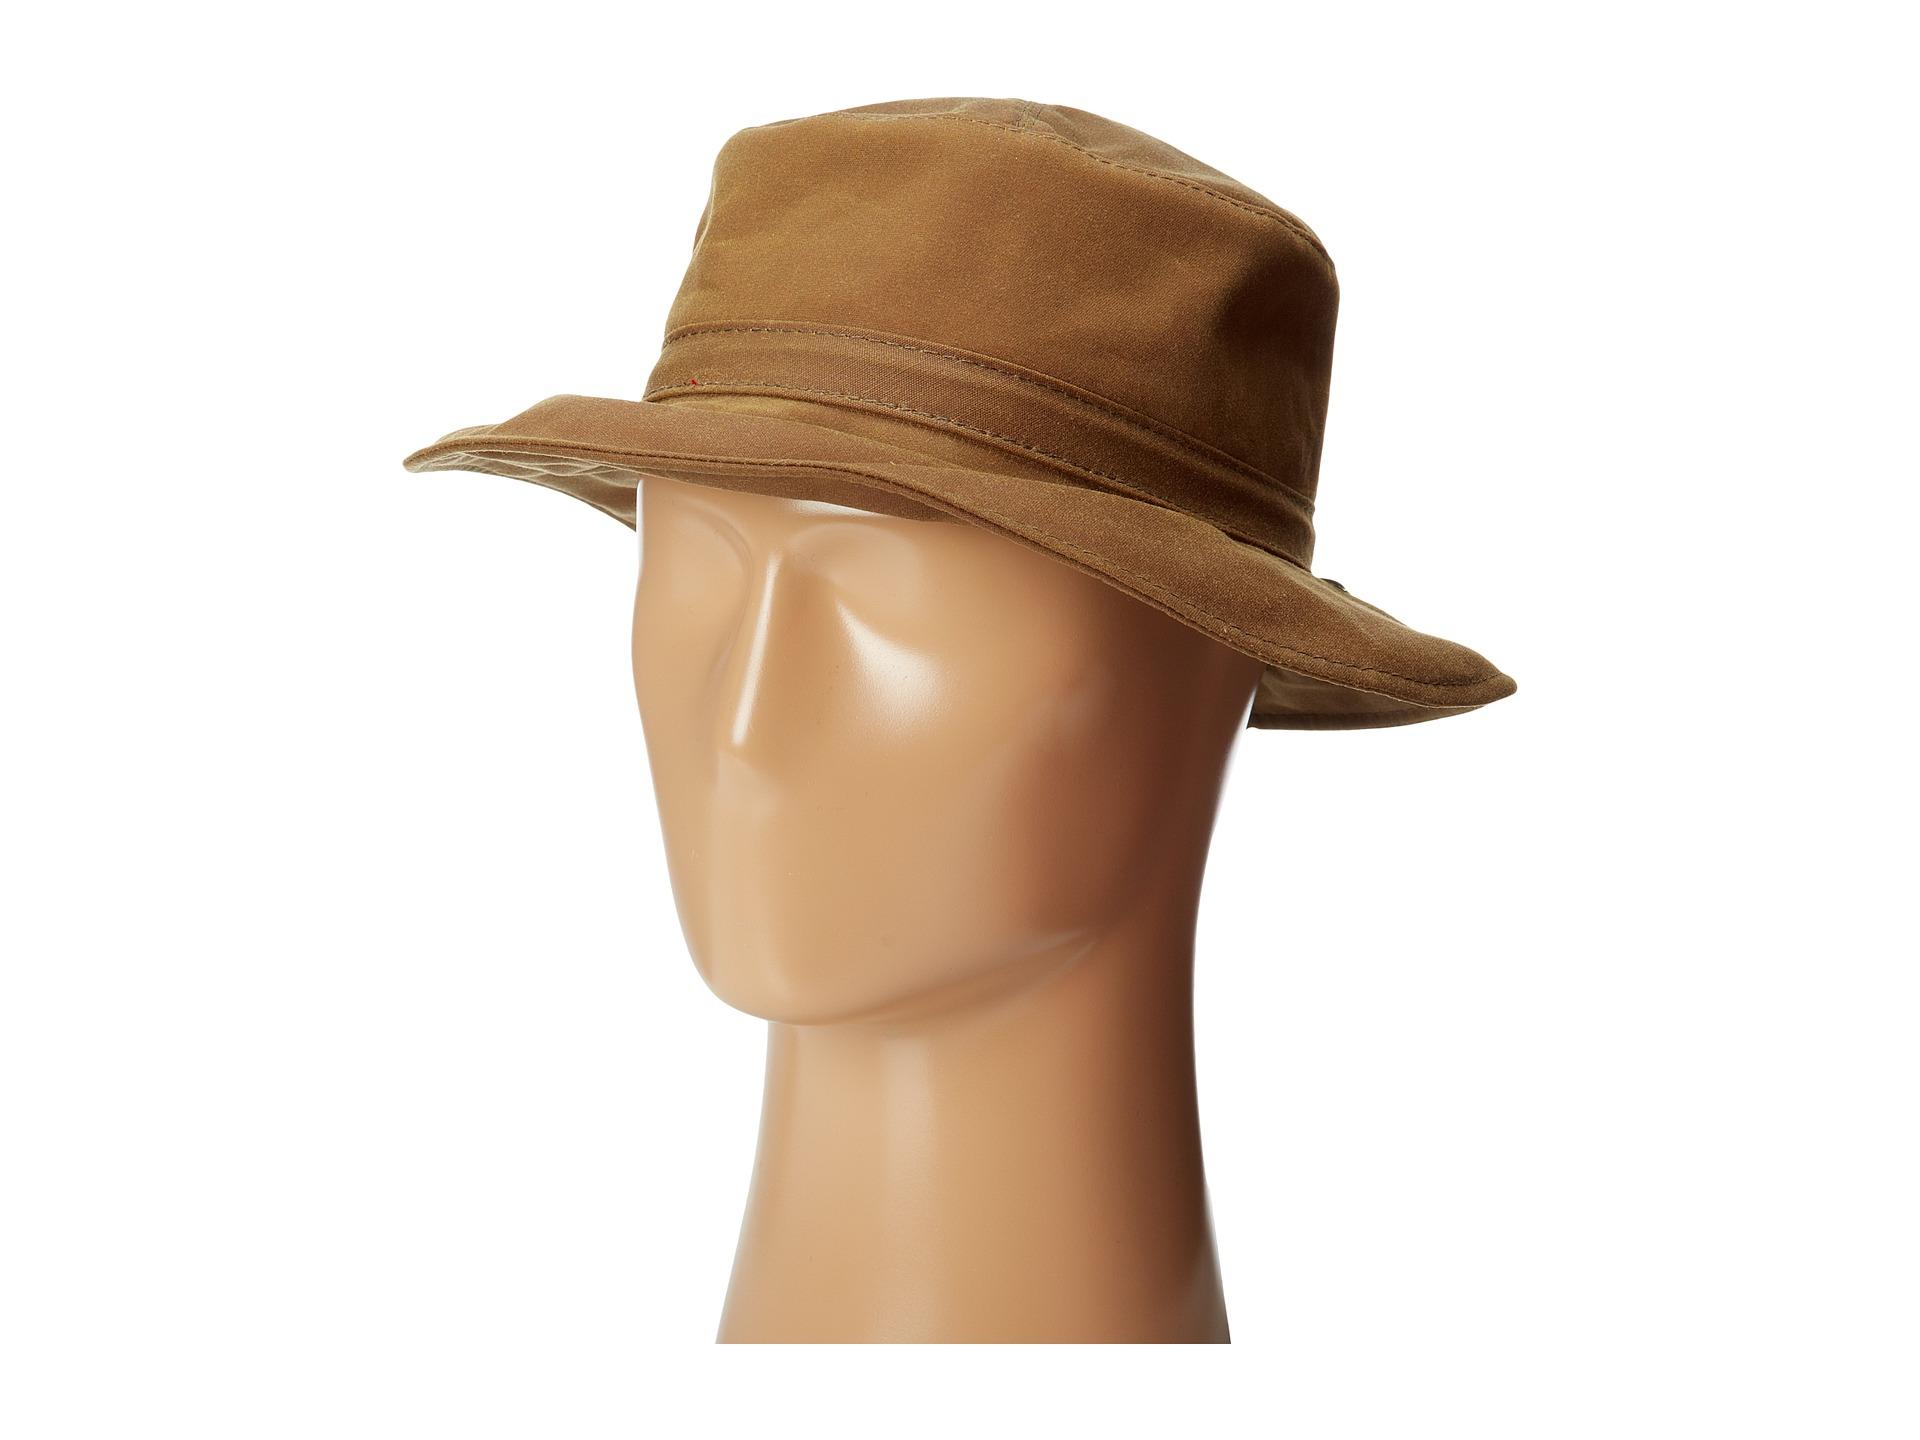 Woolrich Waxed Cotton Bucket Hat W  Micro Fleece Lining  c23a3047070